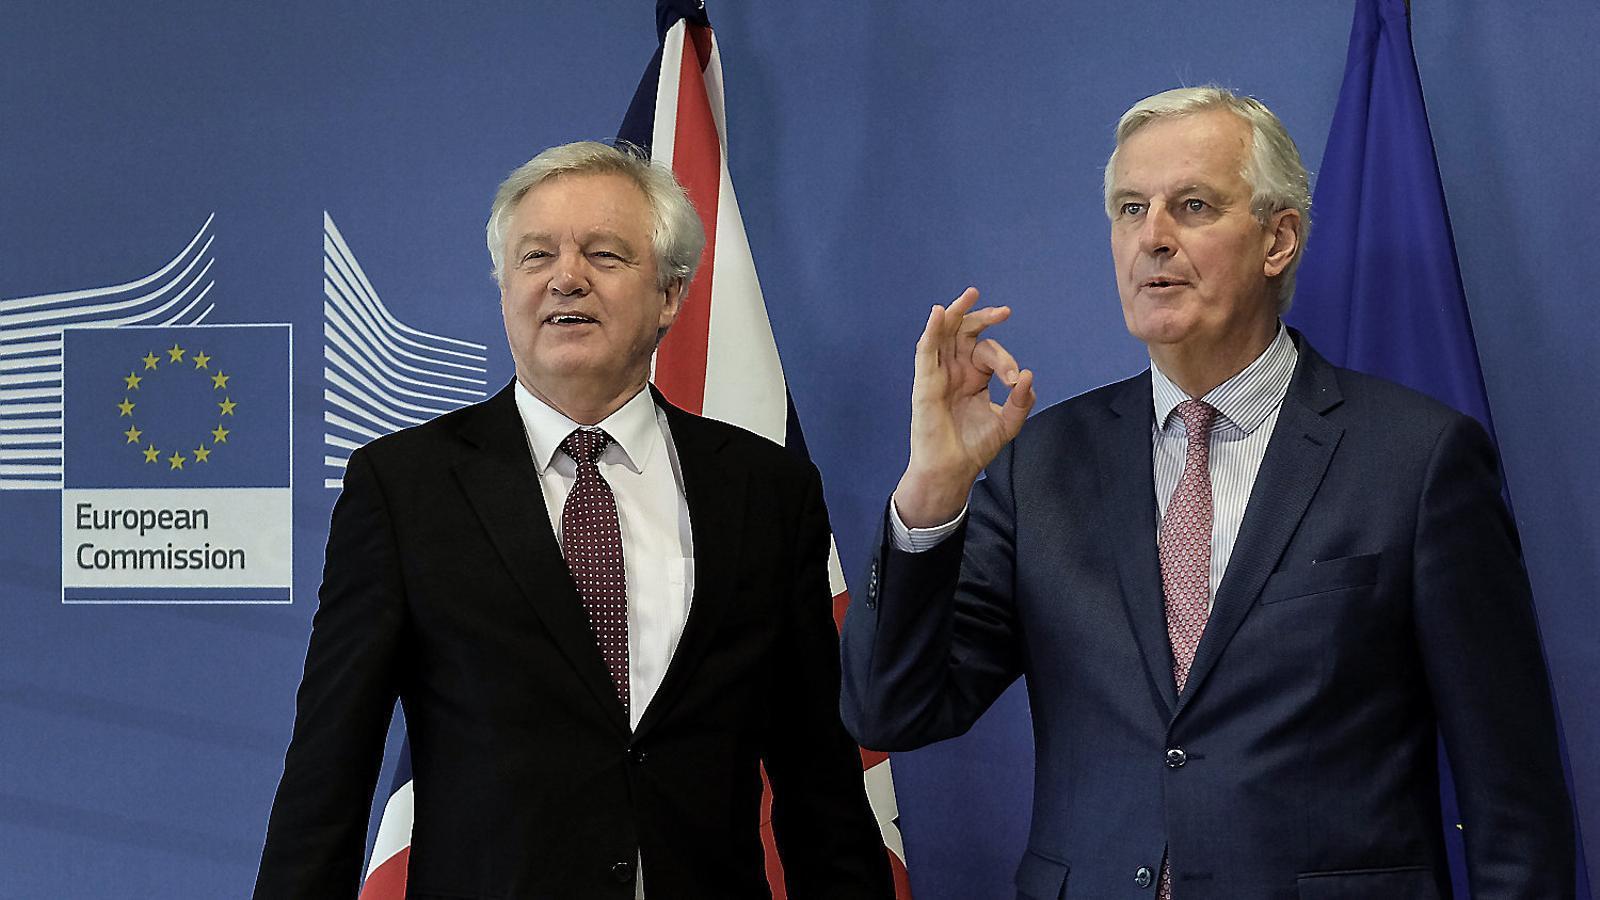 Acord amb el Regne Unit per al període de transició del Brexit